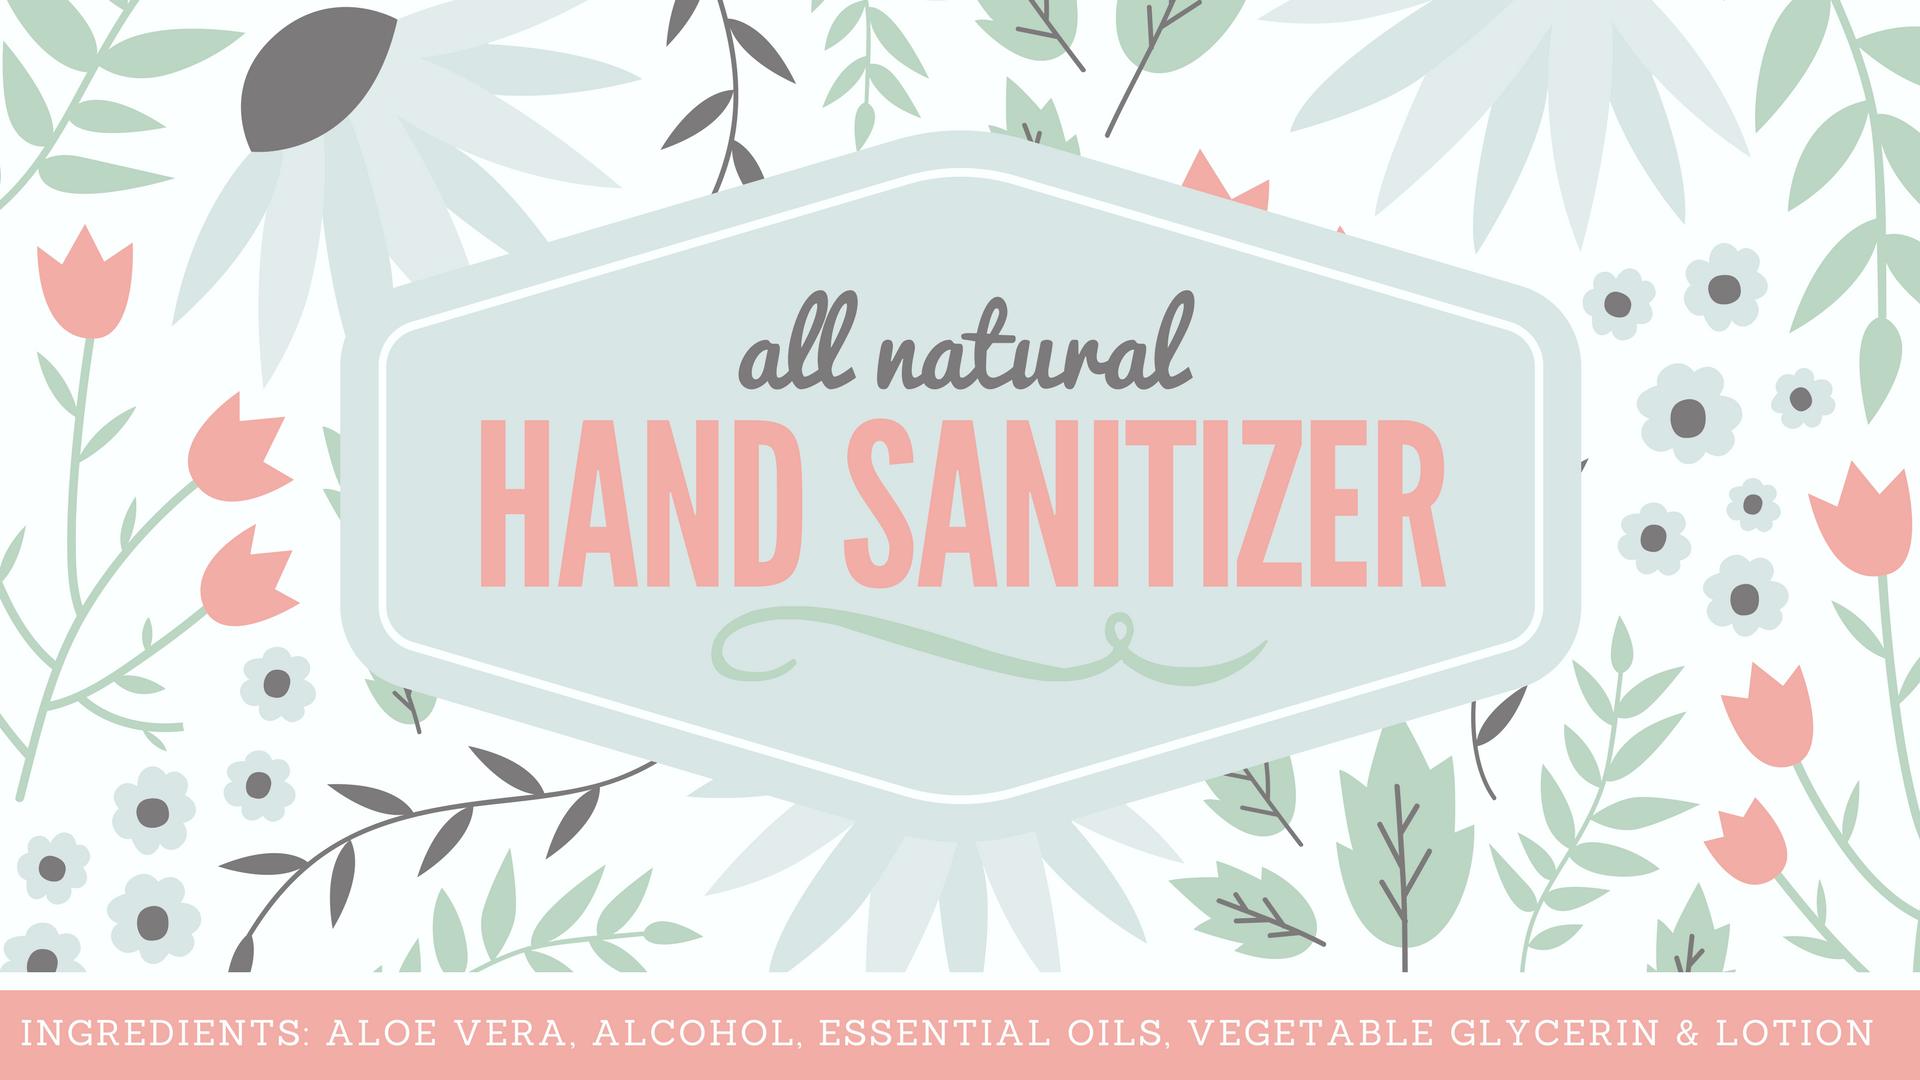 Natural Hand Sanitizer Label